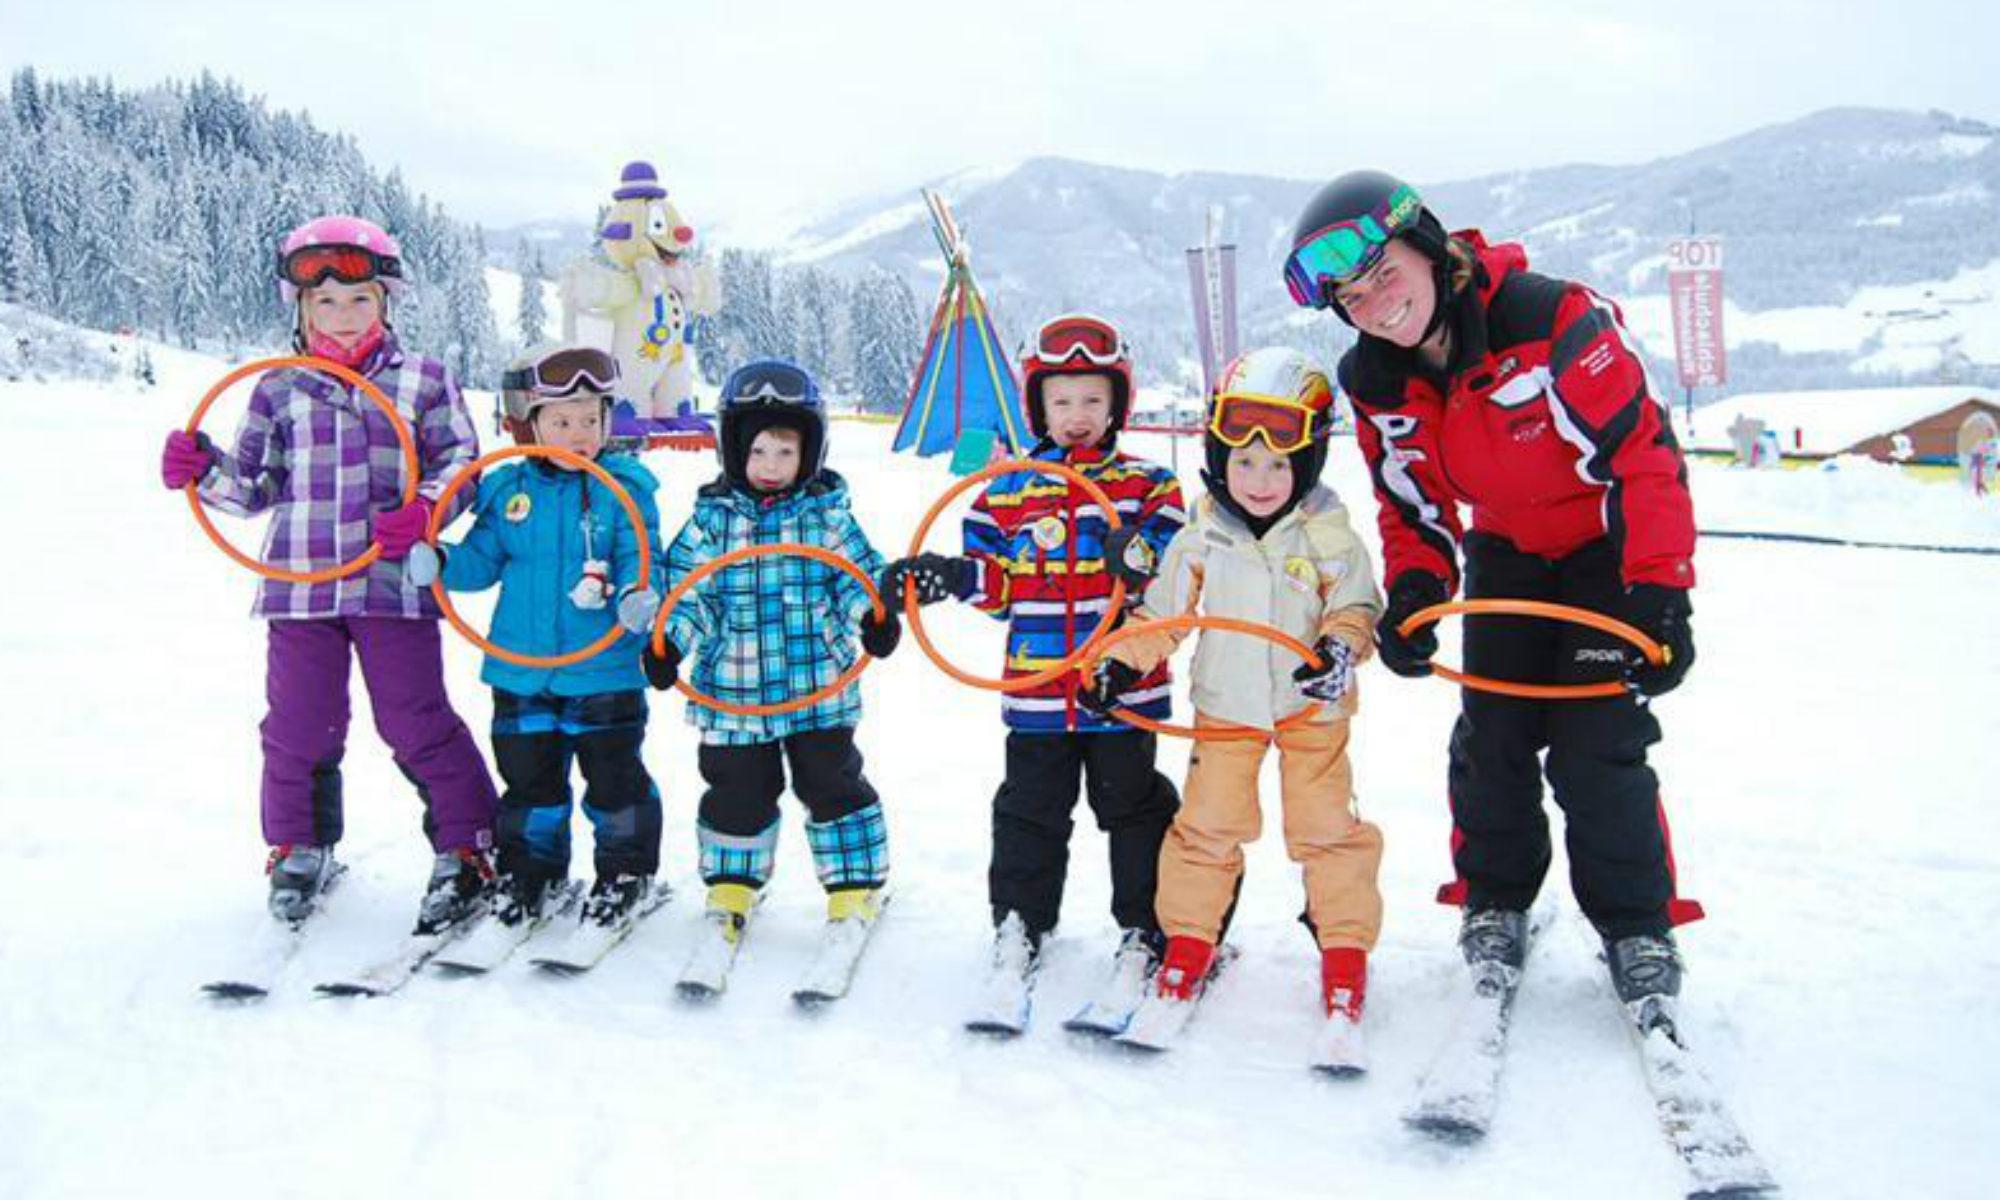 Eine Gruppe Skianfänger übt das Steuern der Skier im Kinderland in Westendorf.